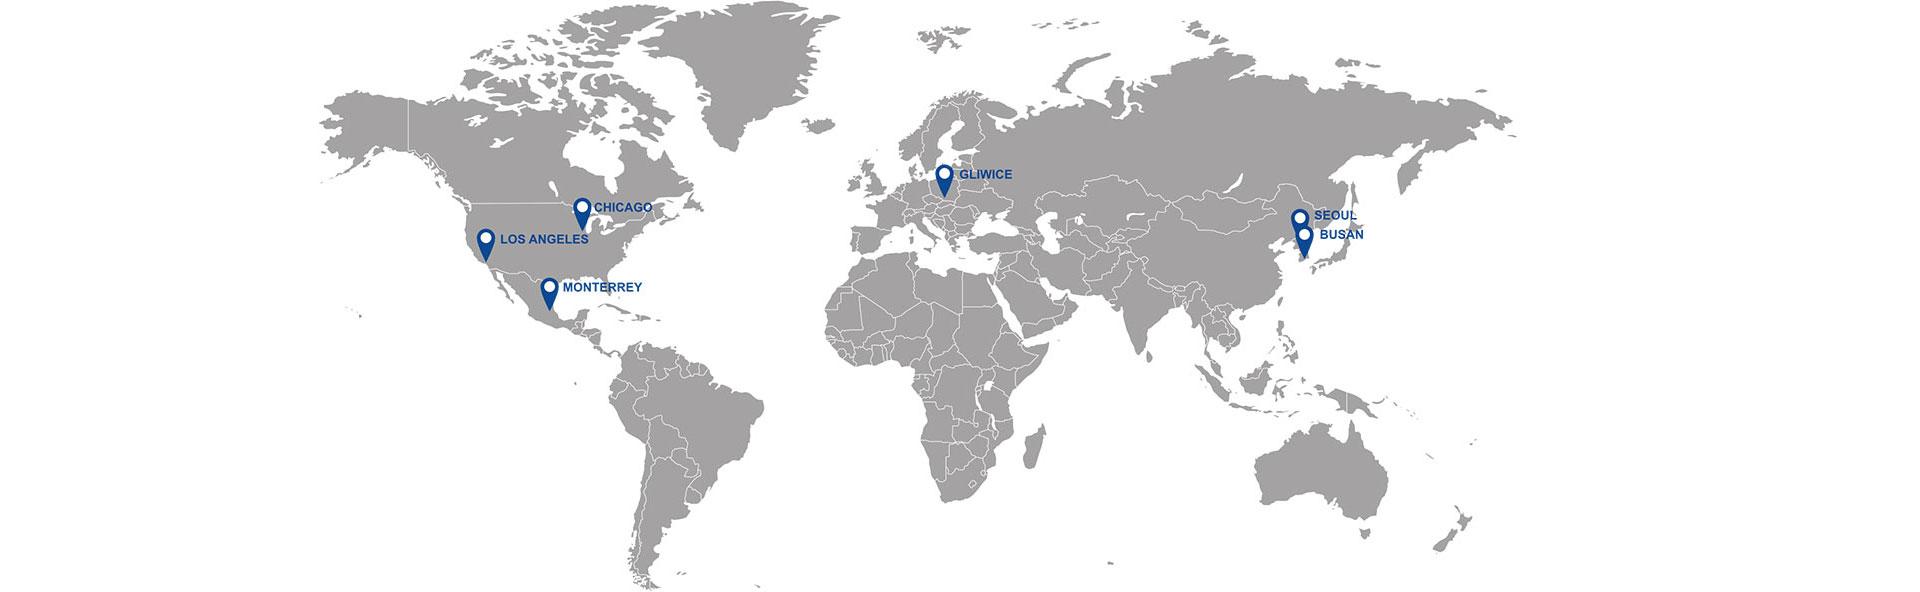 acl-mapa-kontakt.jpg